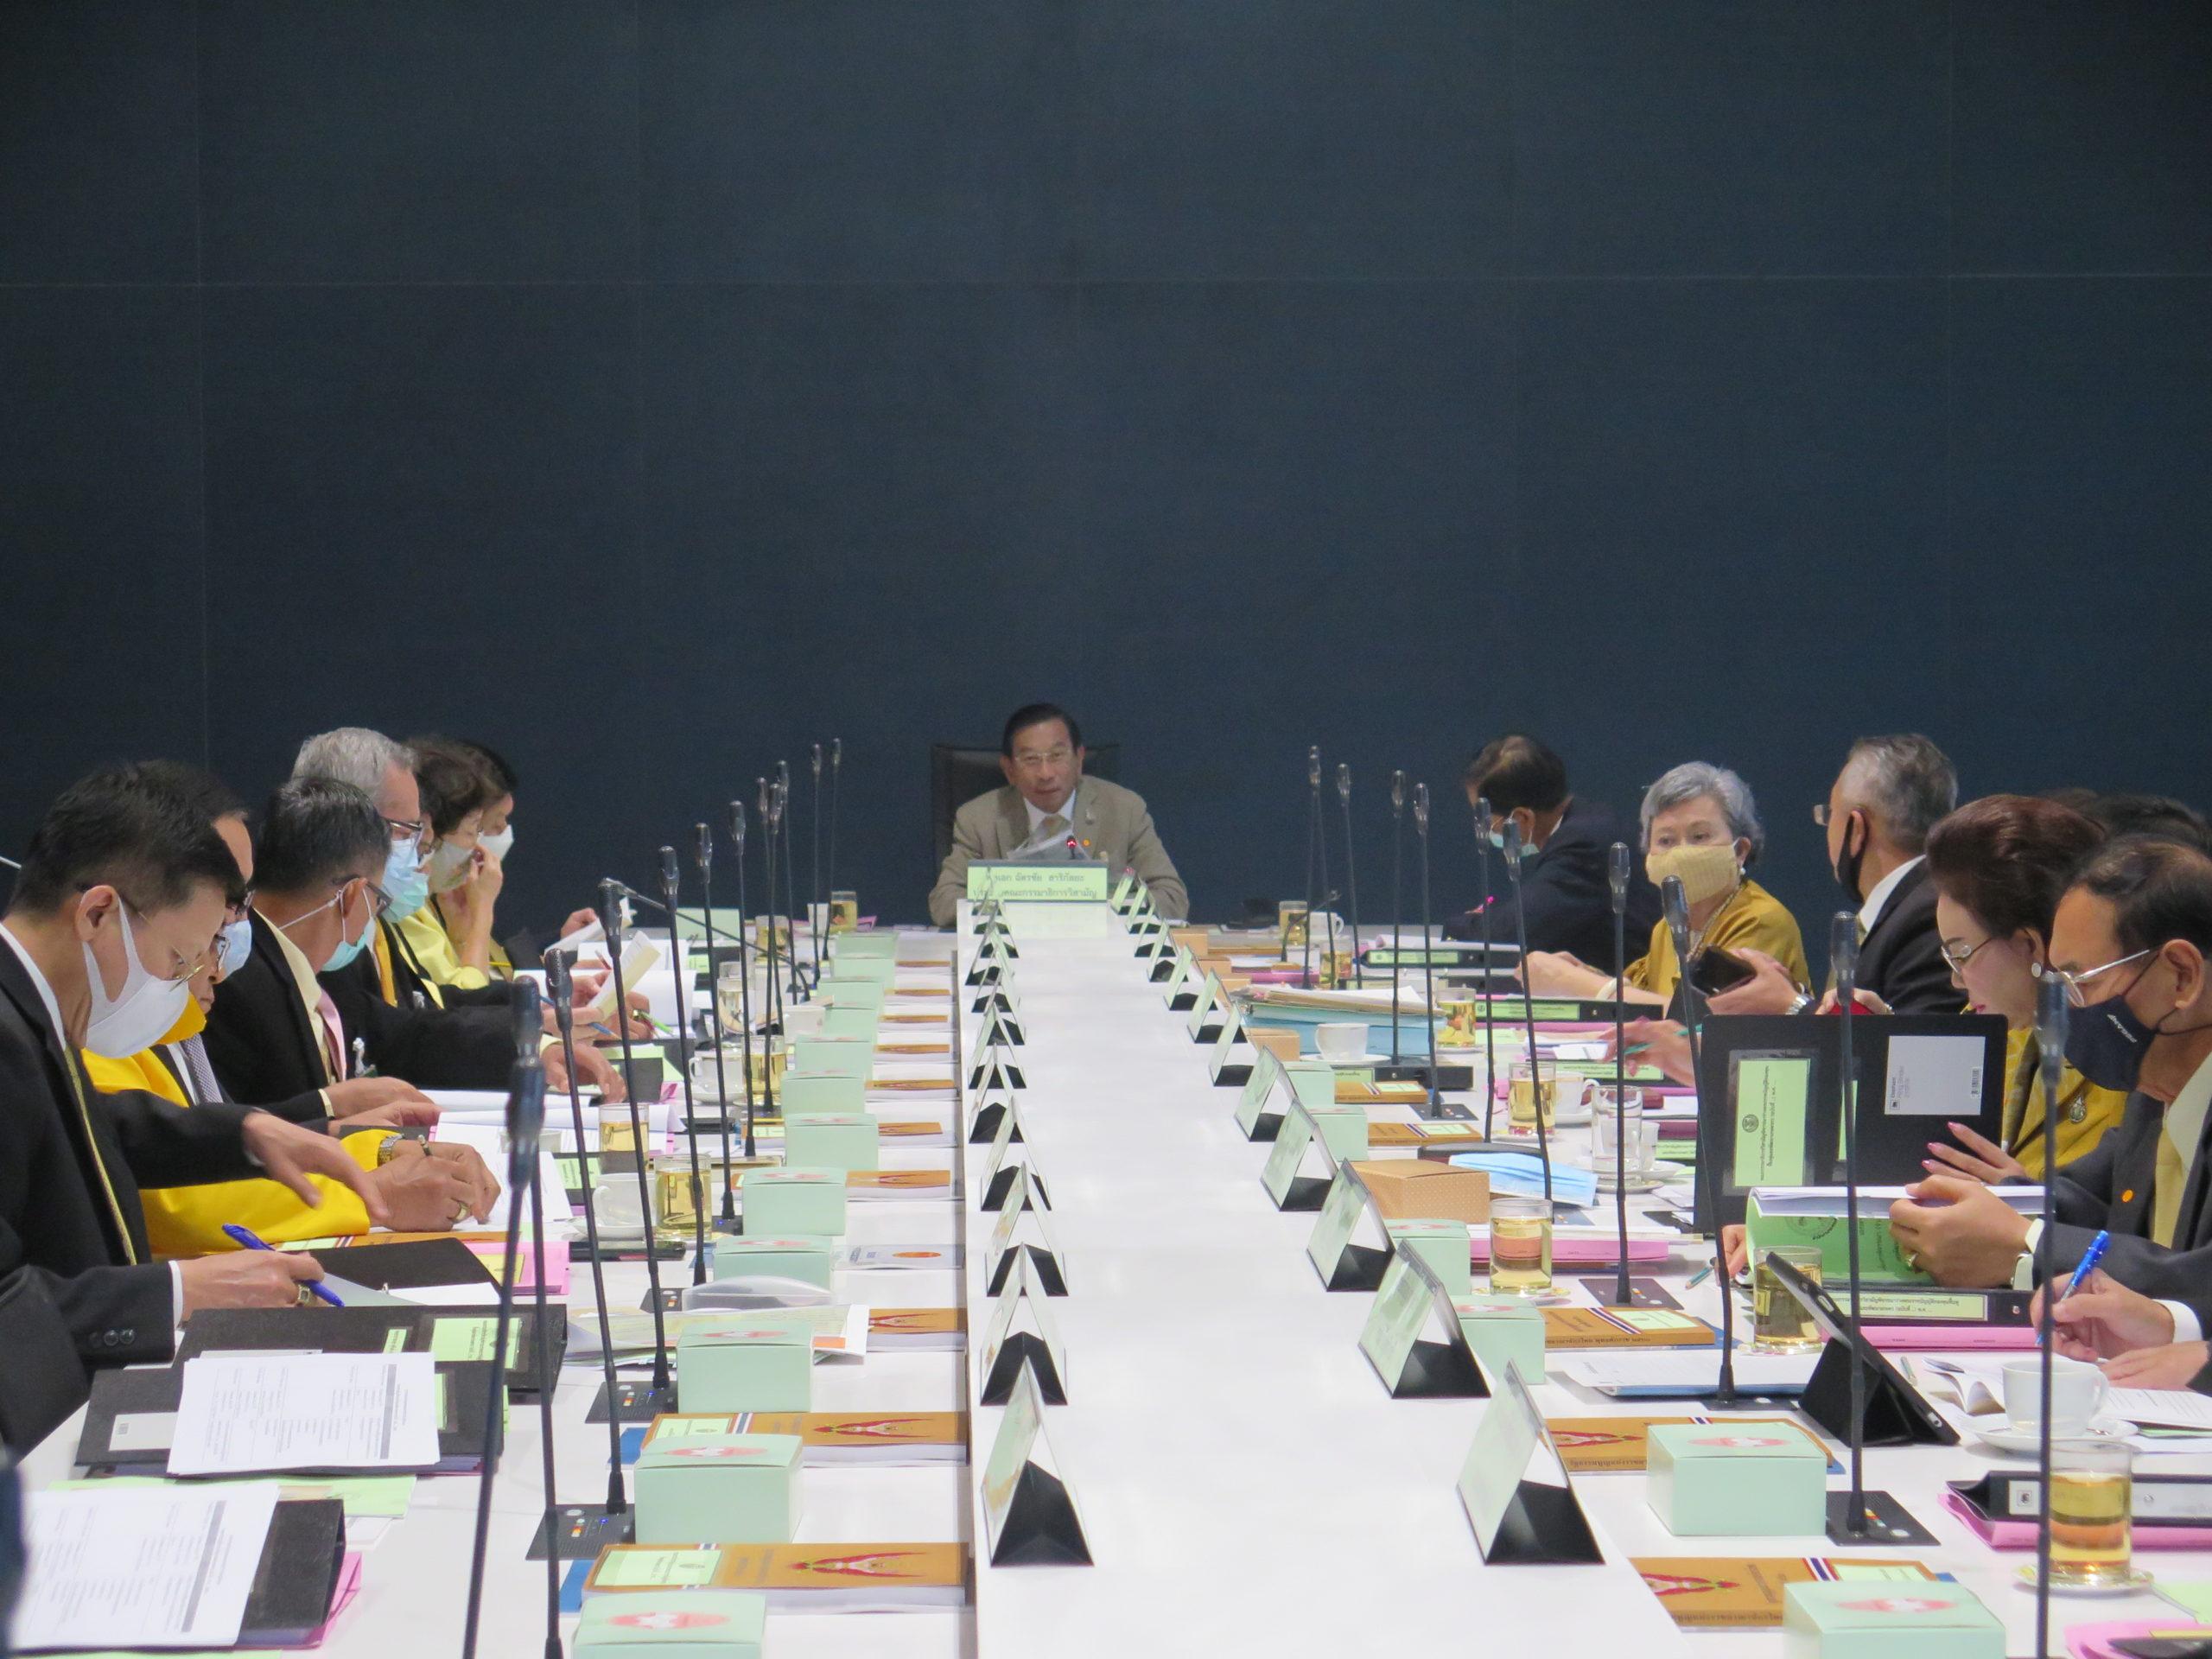 ประชุมกรรมาธิการวิสามัญพิจารณา ร่าง พ.ร.บ. กฟก. นัดที่สอง หลังผ่านที่ประชุมวุฒิสภา